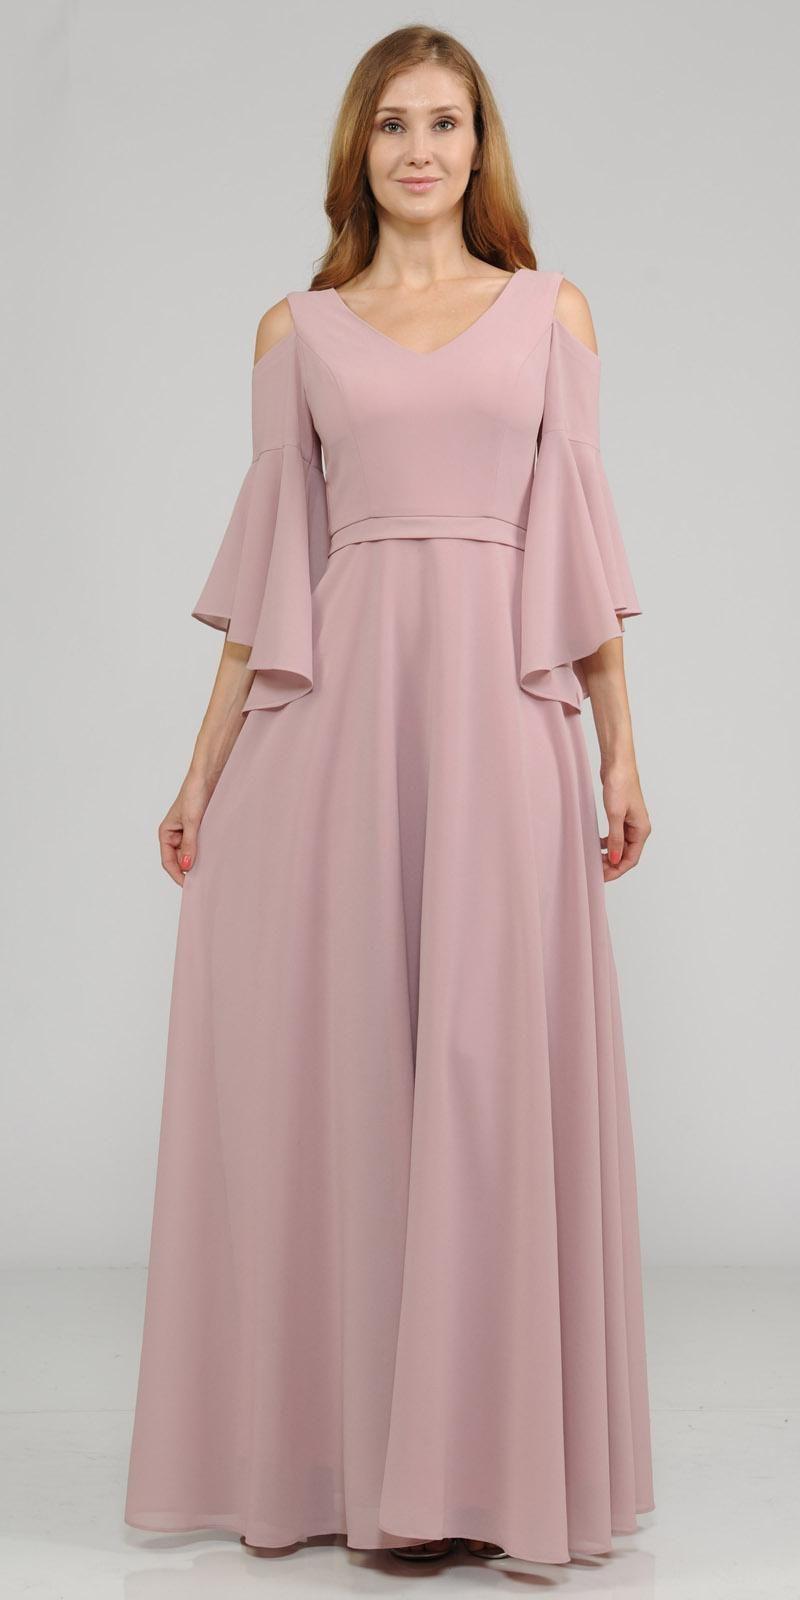 Coldshoulder vneck long formal dress bell sleeve